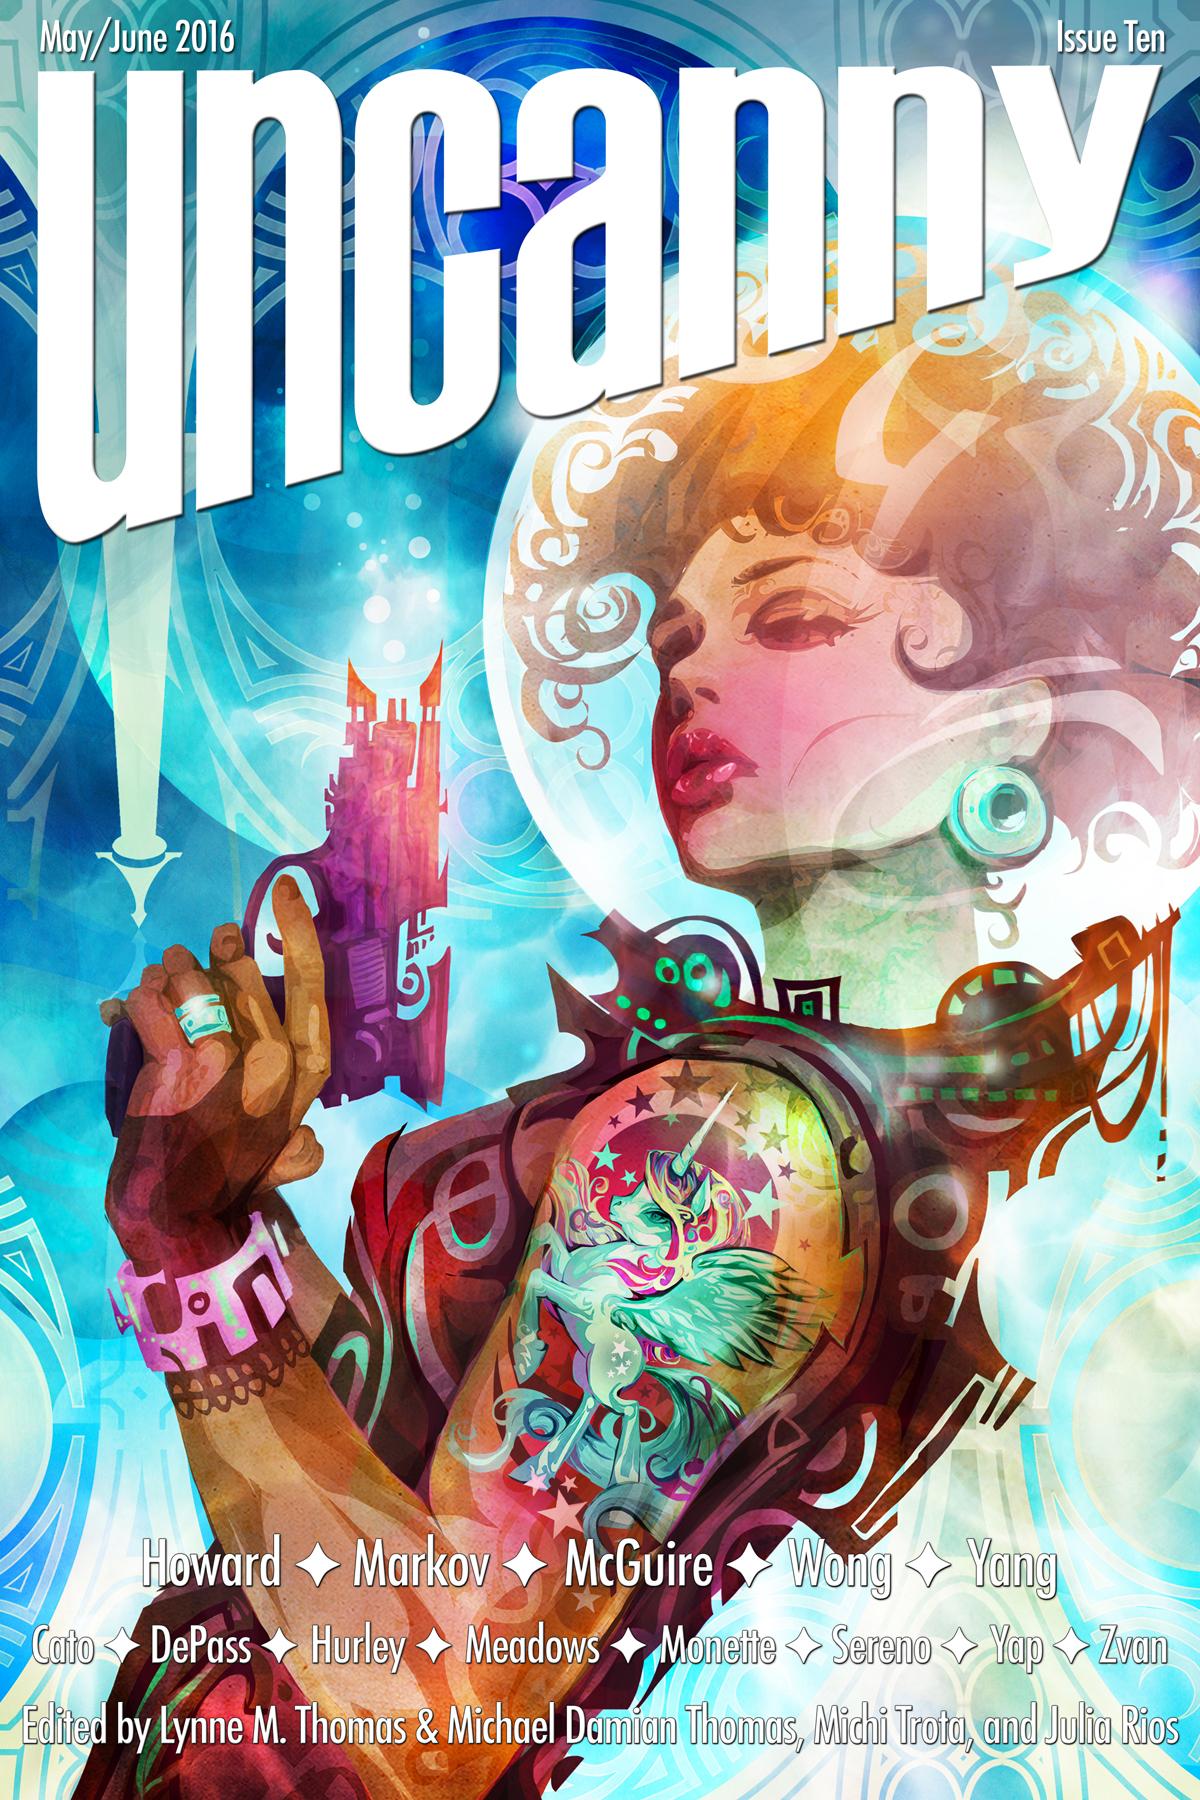 Uncanny Magazine Issue 10: May/June 2016 by Julia Rios, Michael Damian Thomas, Lynne M. Thomas, Michi Trota